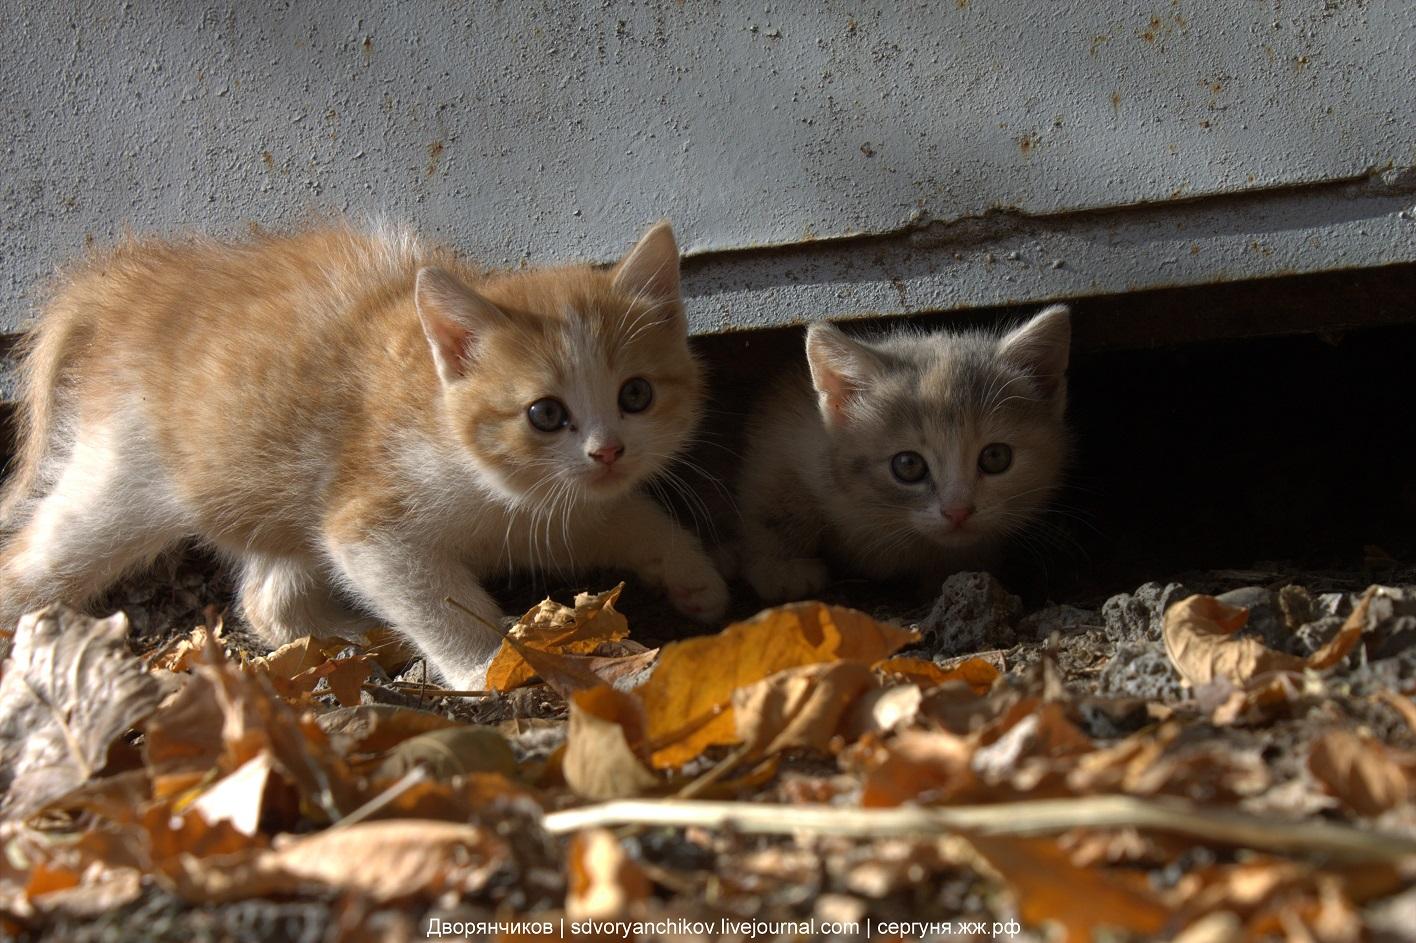 Котята на хоздворике - Парк ВГС - 20 октября 2016